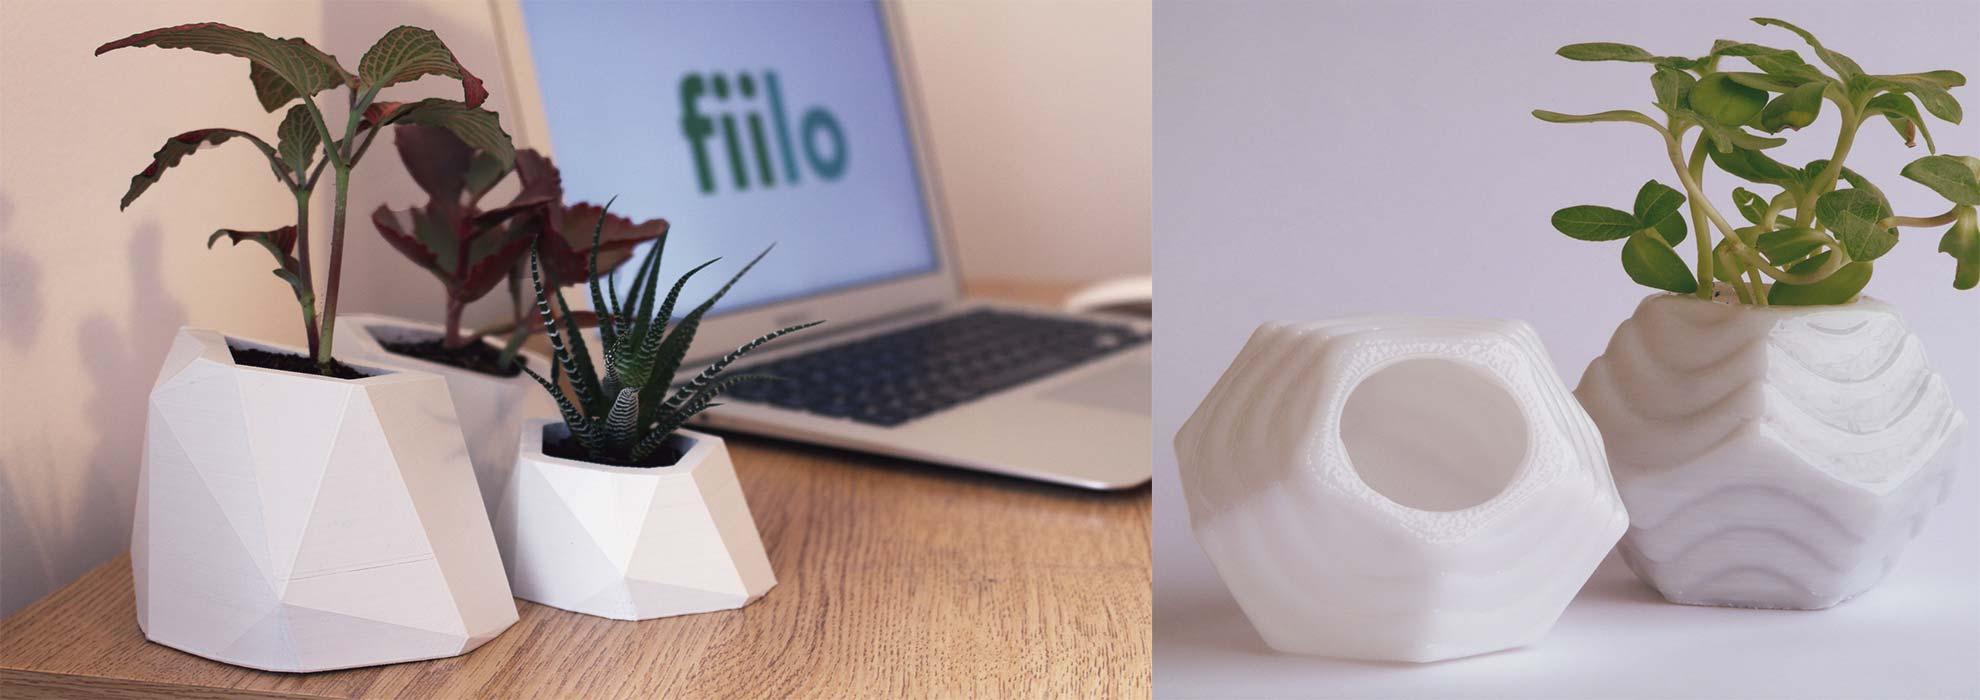 Необычные цветочные горшки изготовленные на 3Д принтере